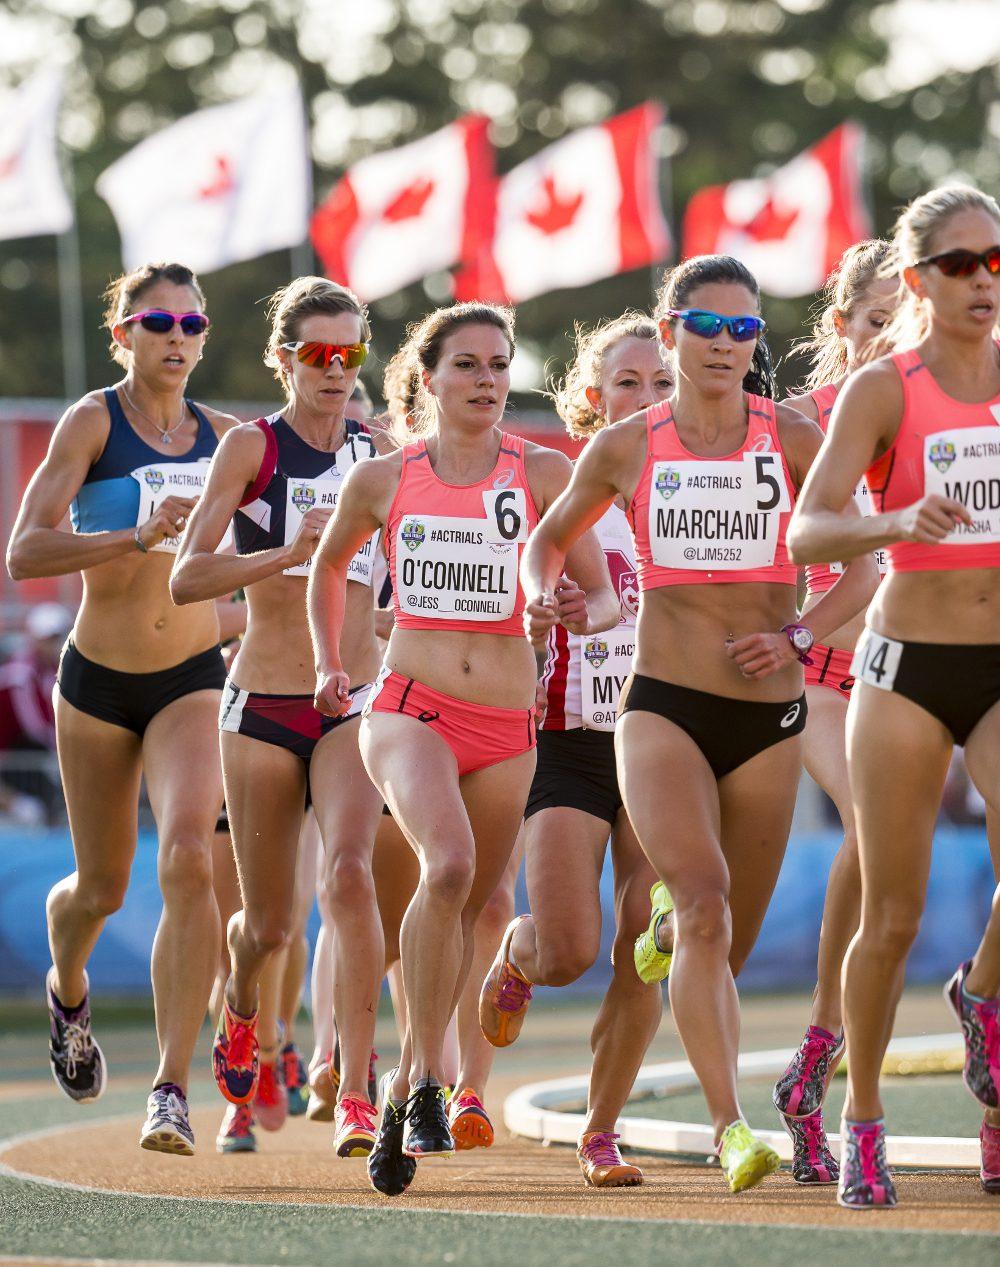 Sexy girls in a marathon 7